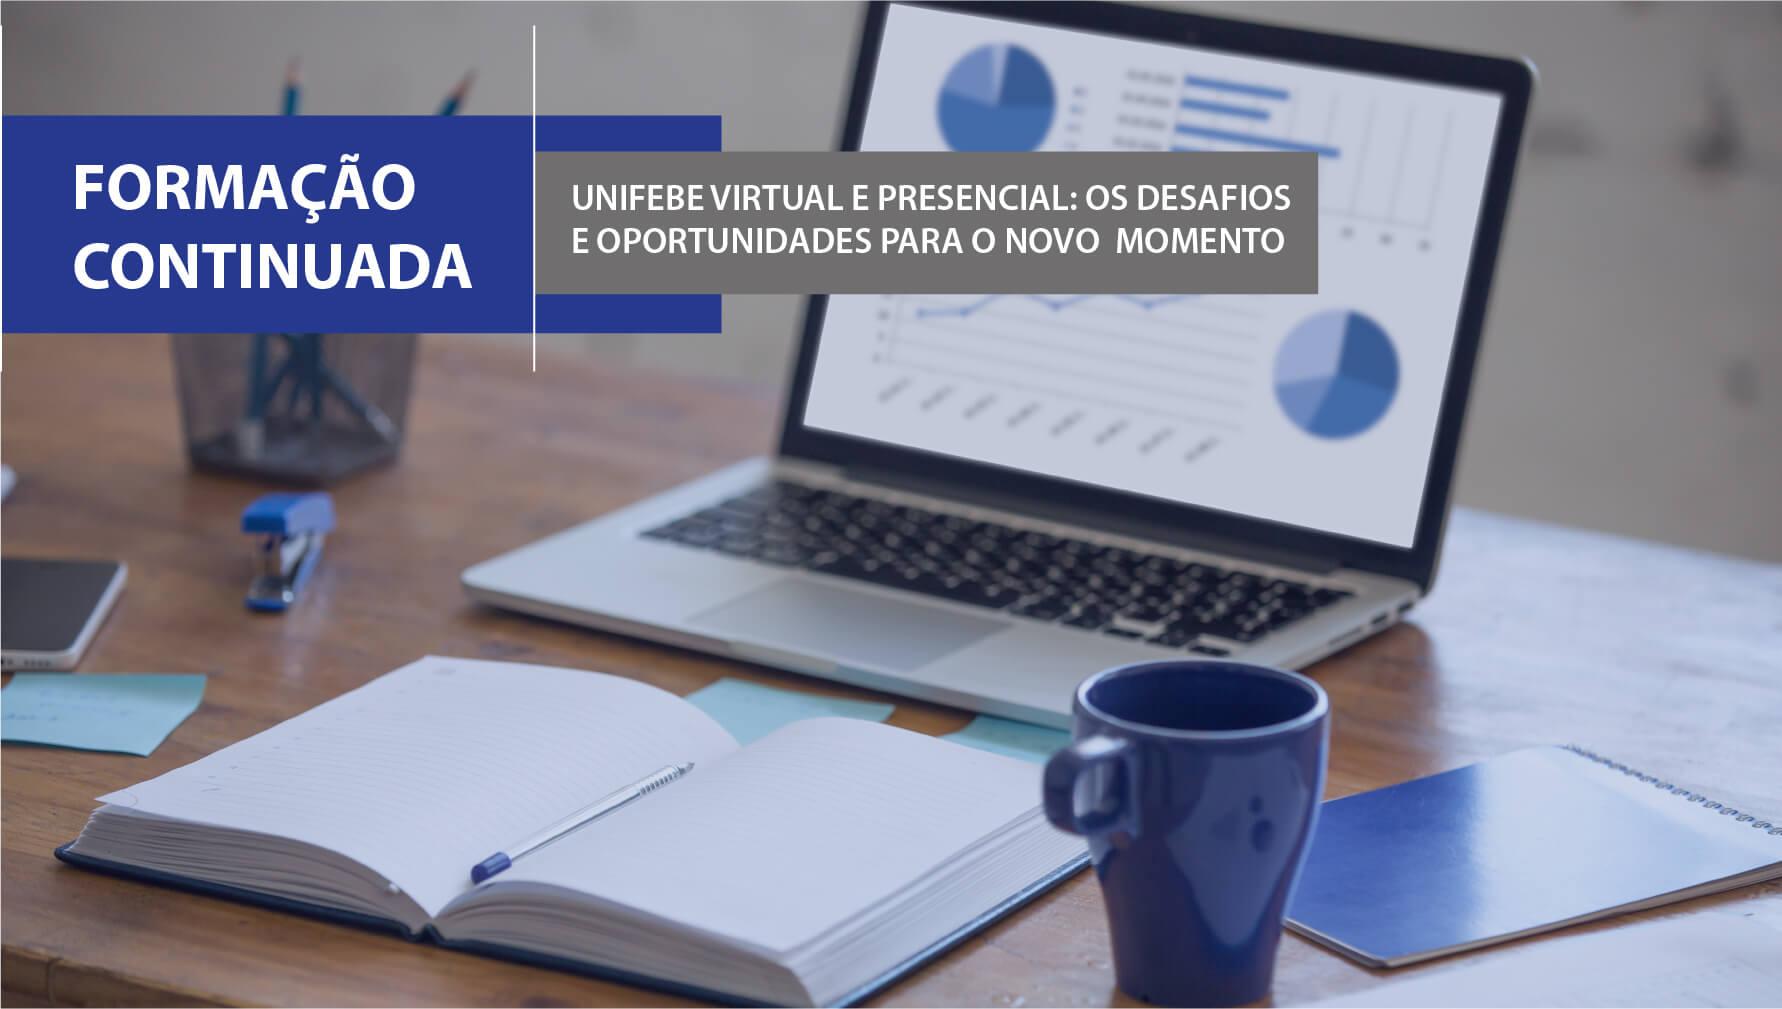 Formação Continuada destaca ensino virtual e presencial na UNIFEBE